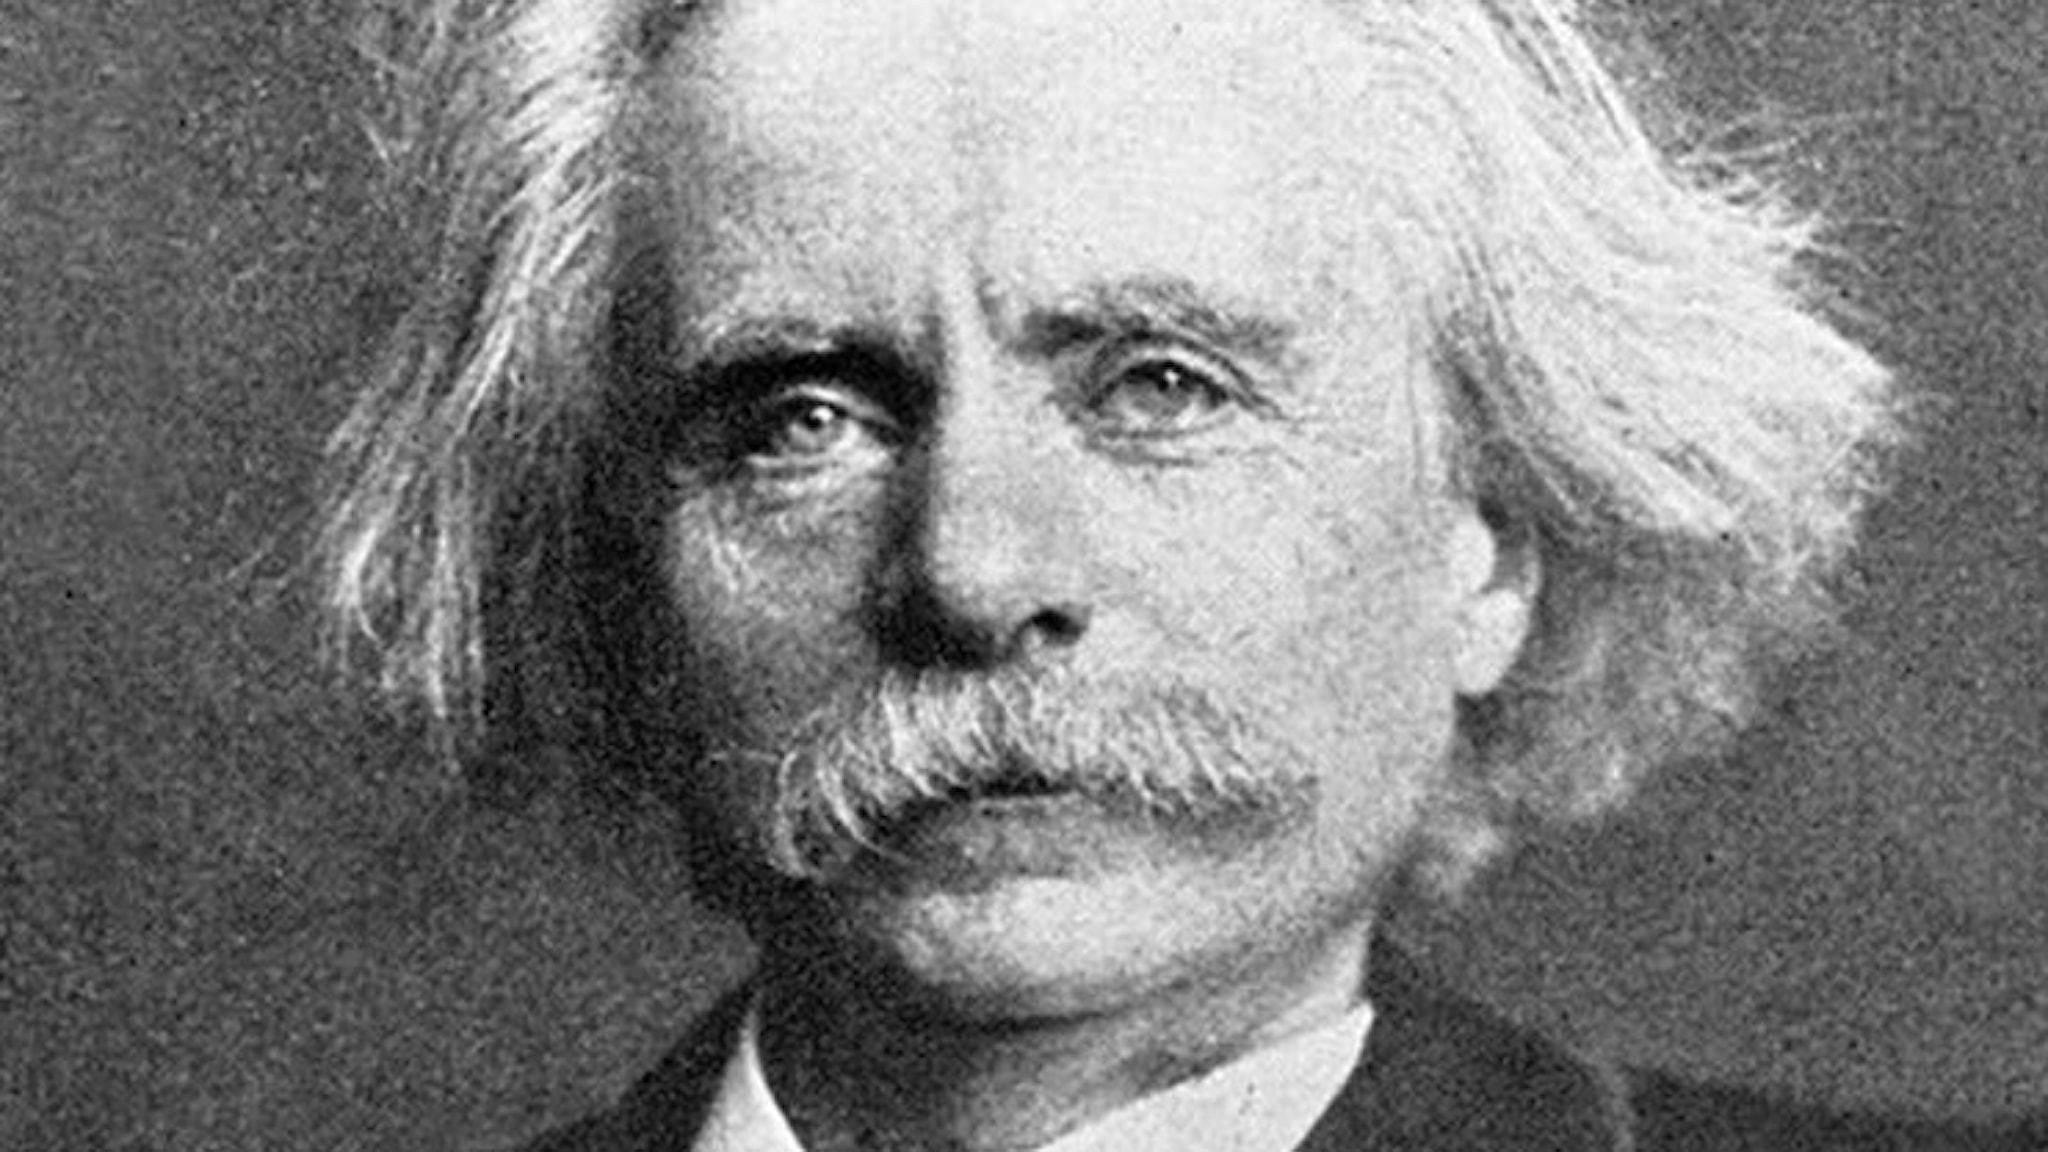 Porträtt av en äldre man med långt hår och rejäl mustasch